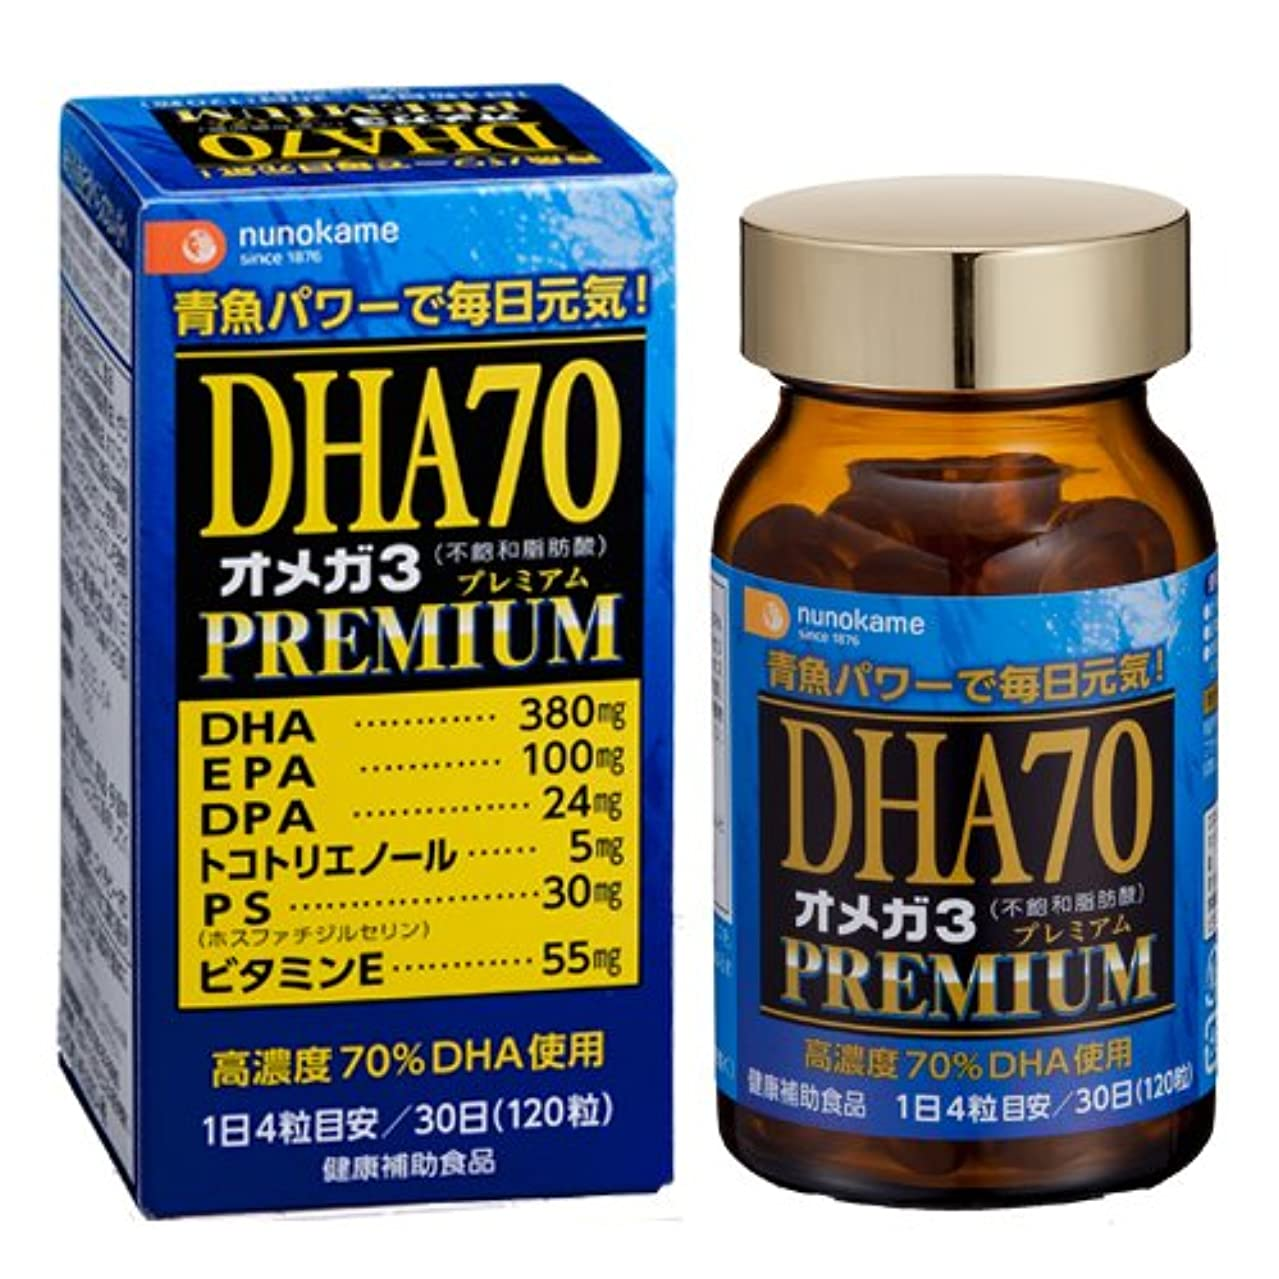 遠足口ひげ忌避剤DHAオメガ3プレミアム